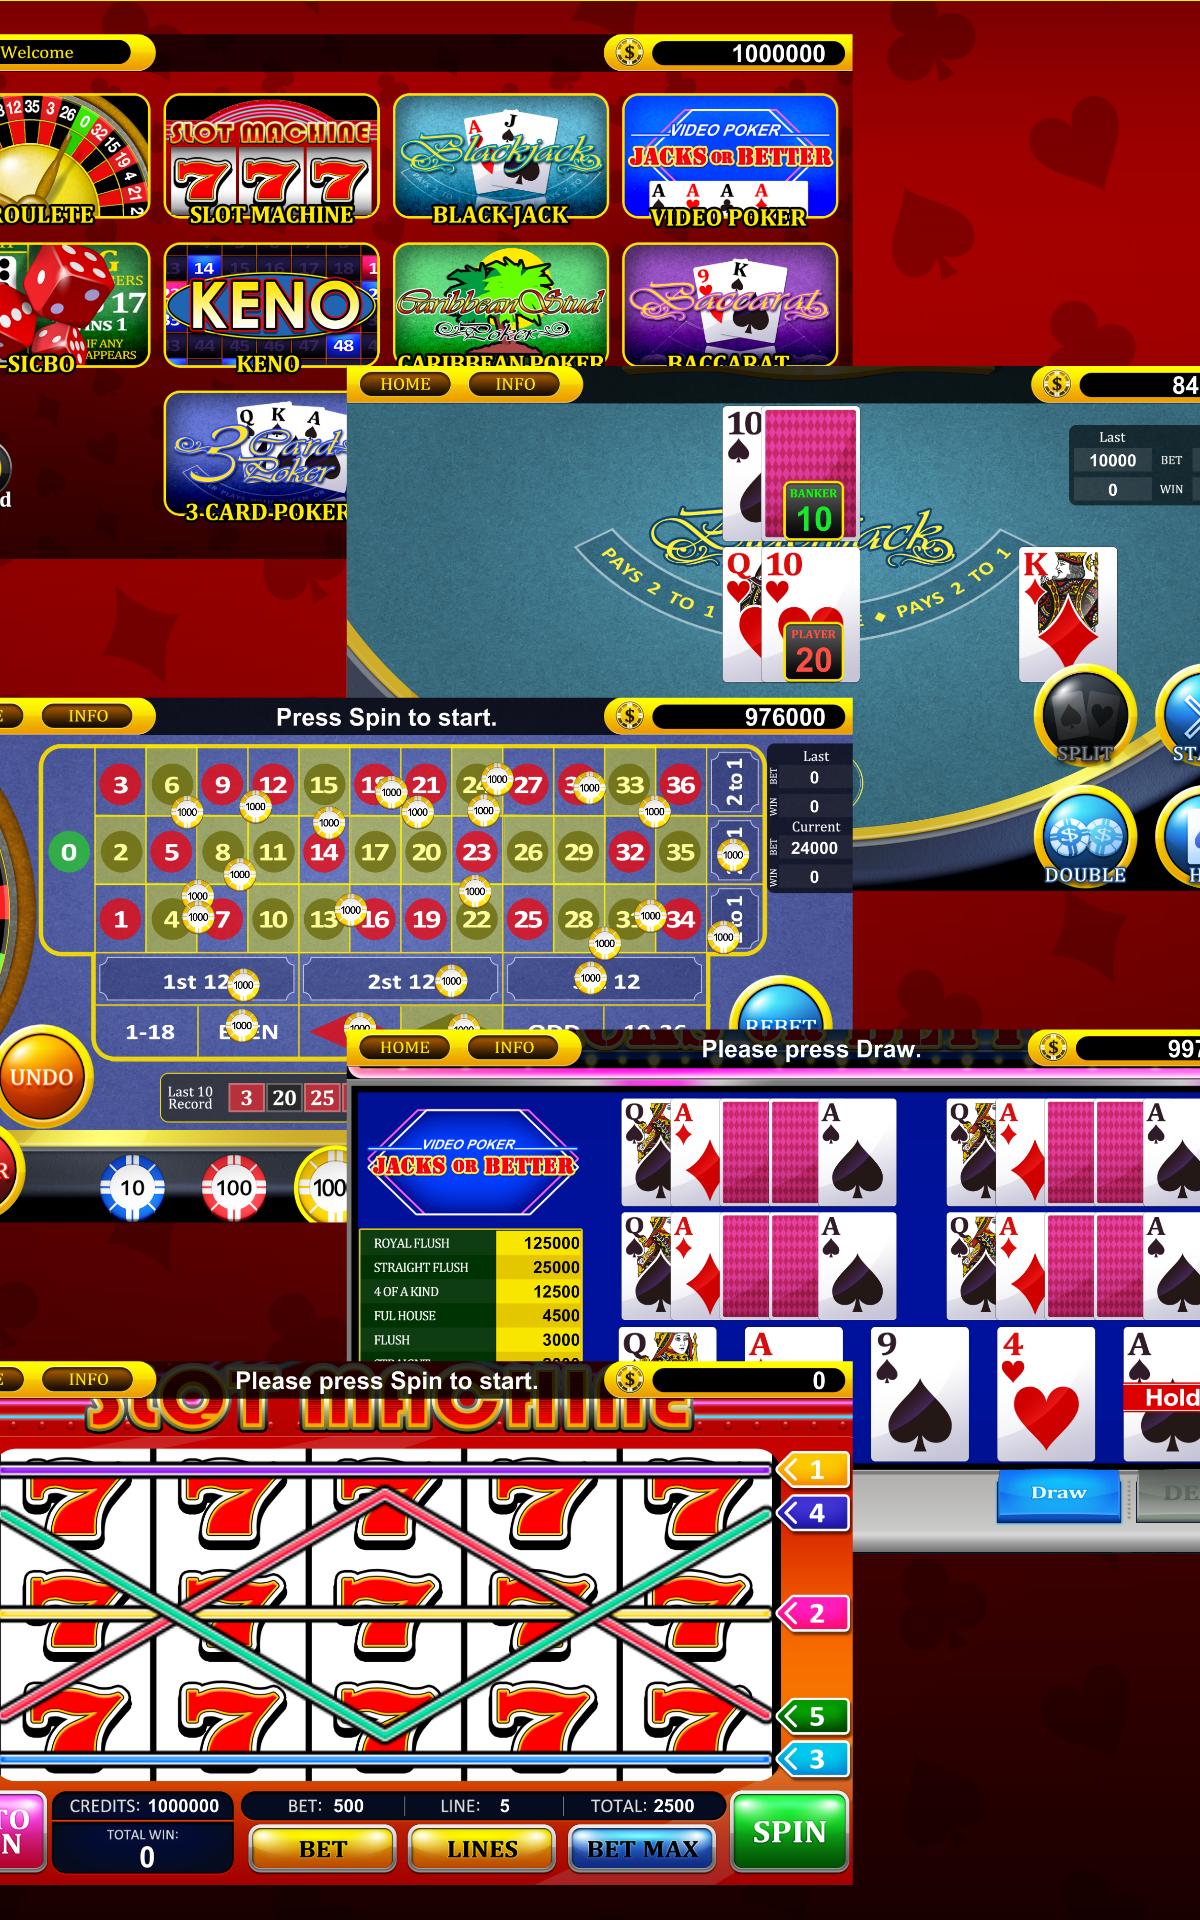 anmeldebonus ohne einzahlung casino